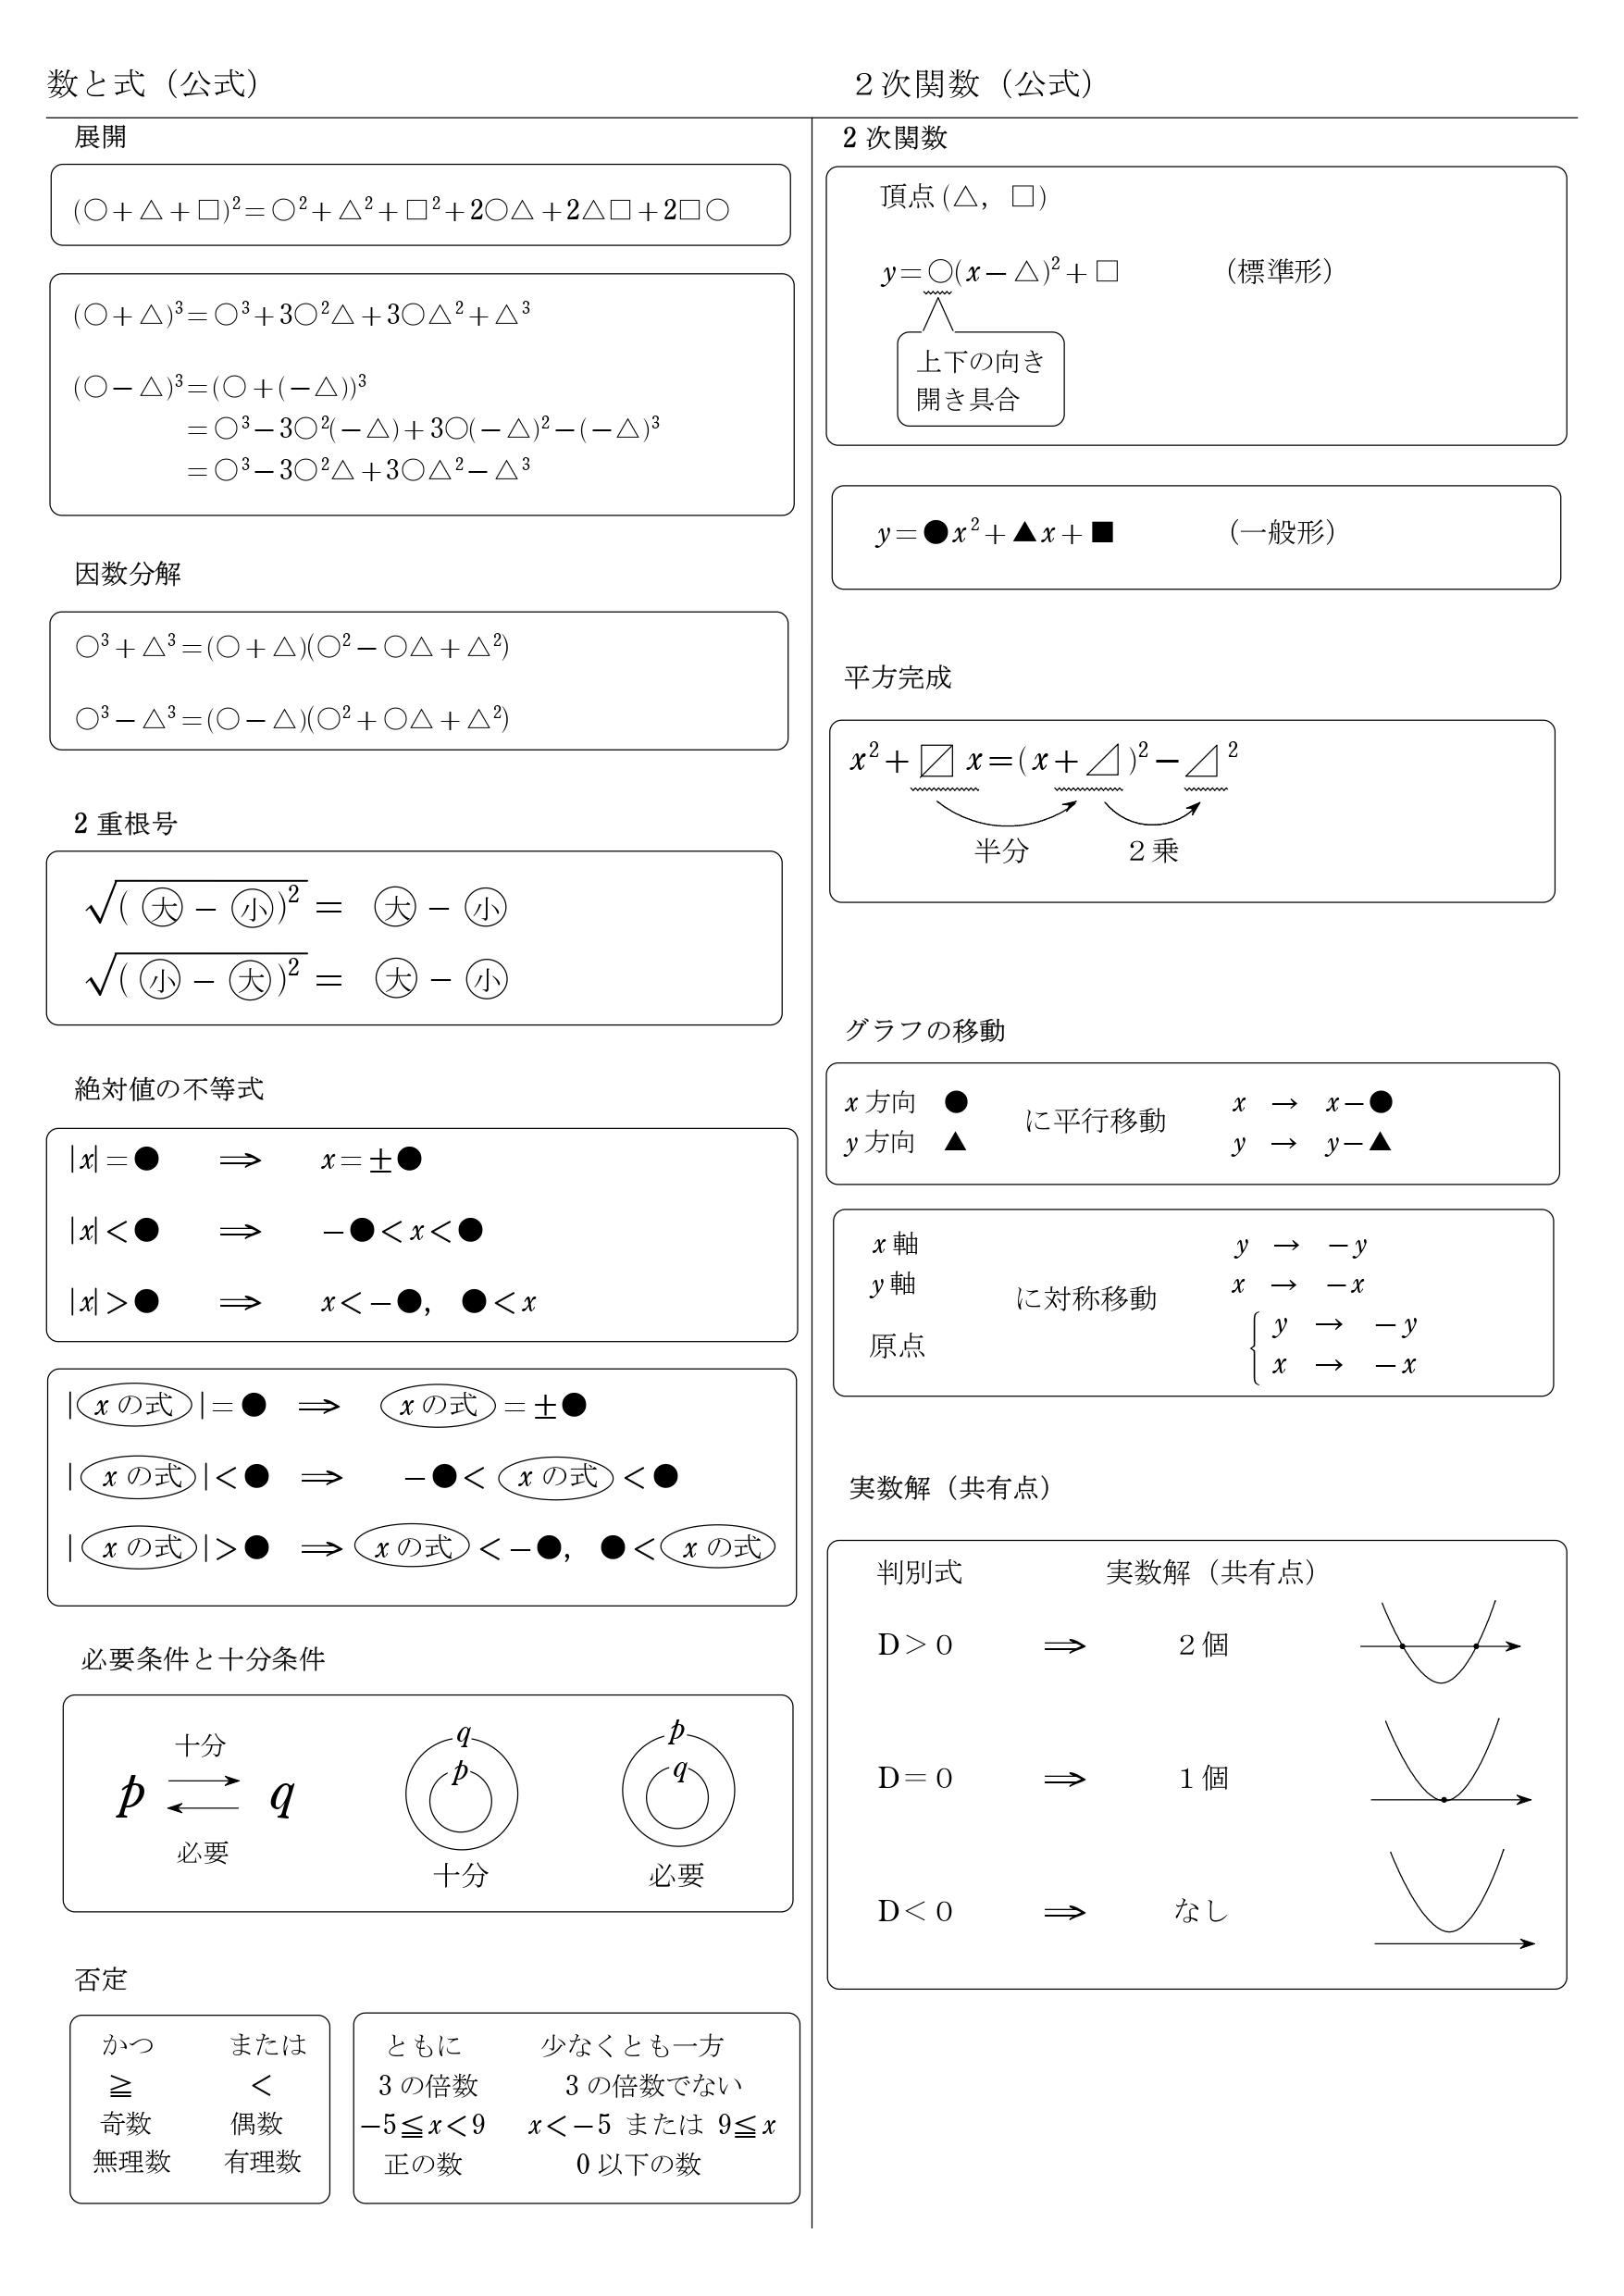 2次方程式 教科書 まとめ 一覧 問題 解答 数と式 2次関数